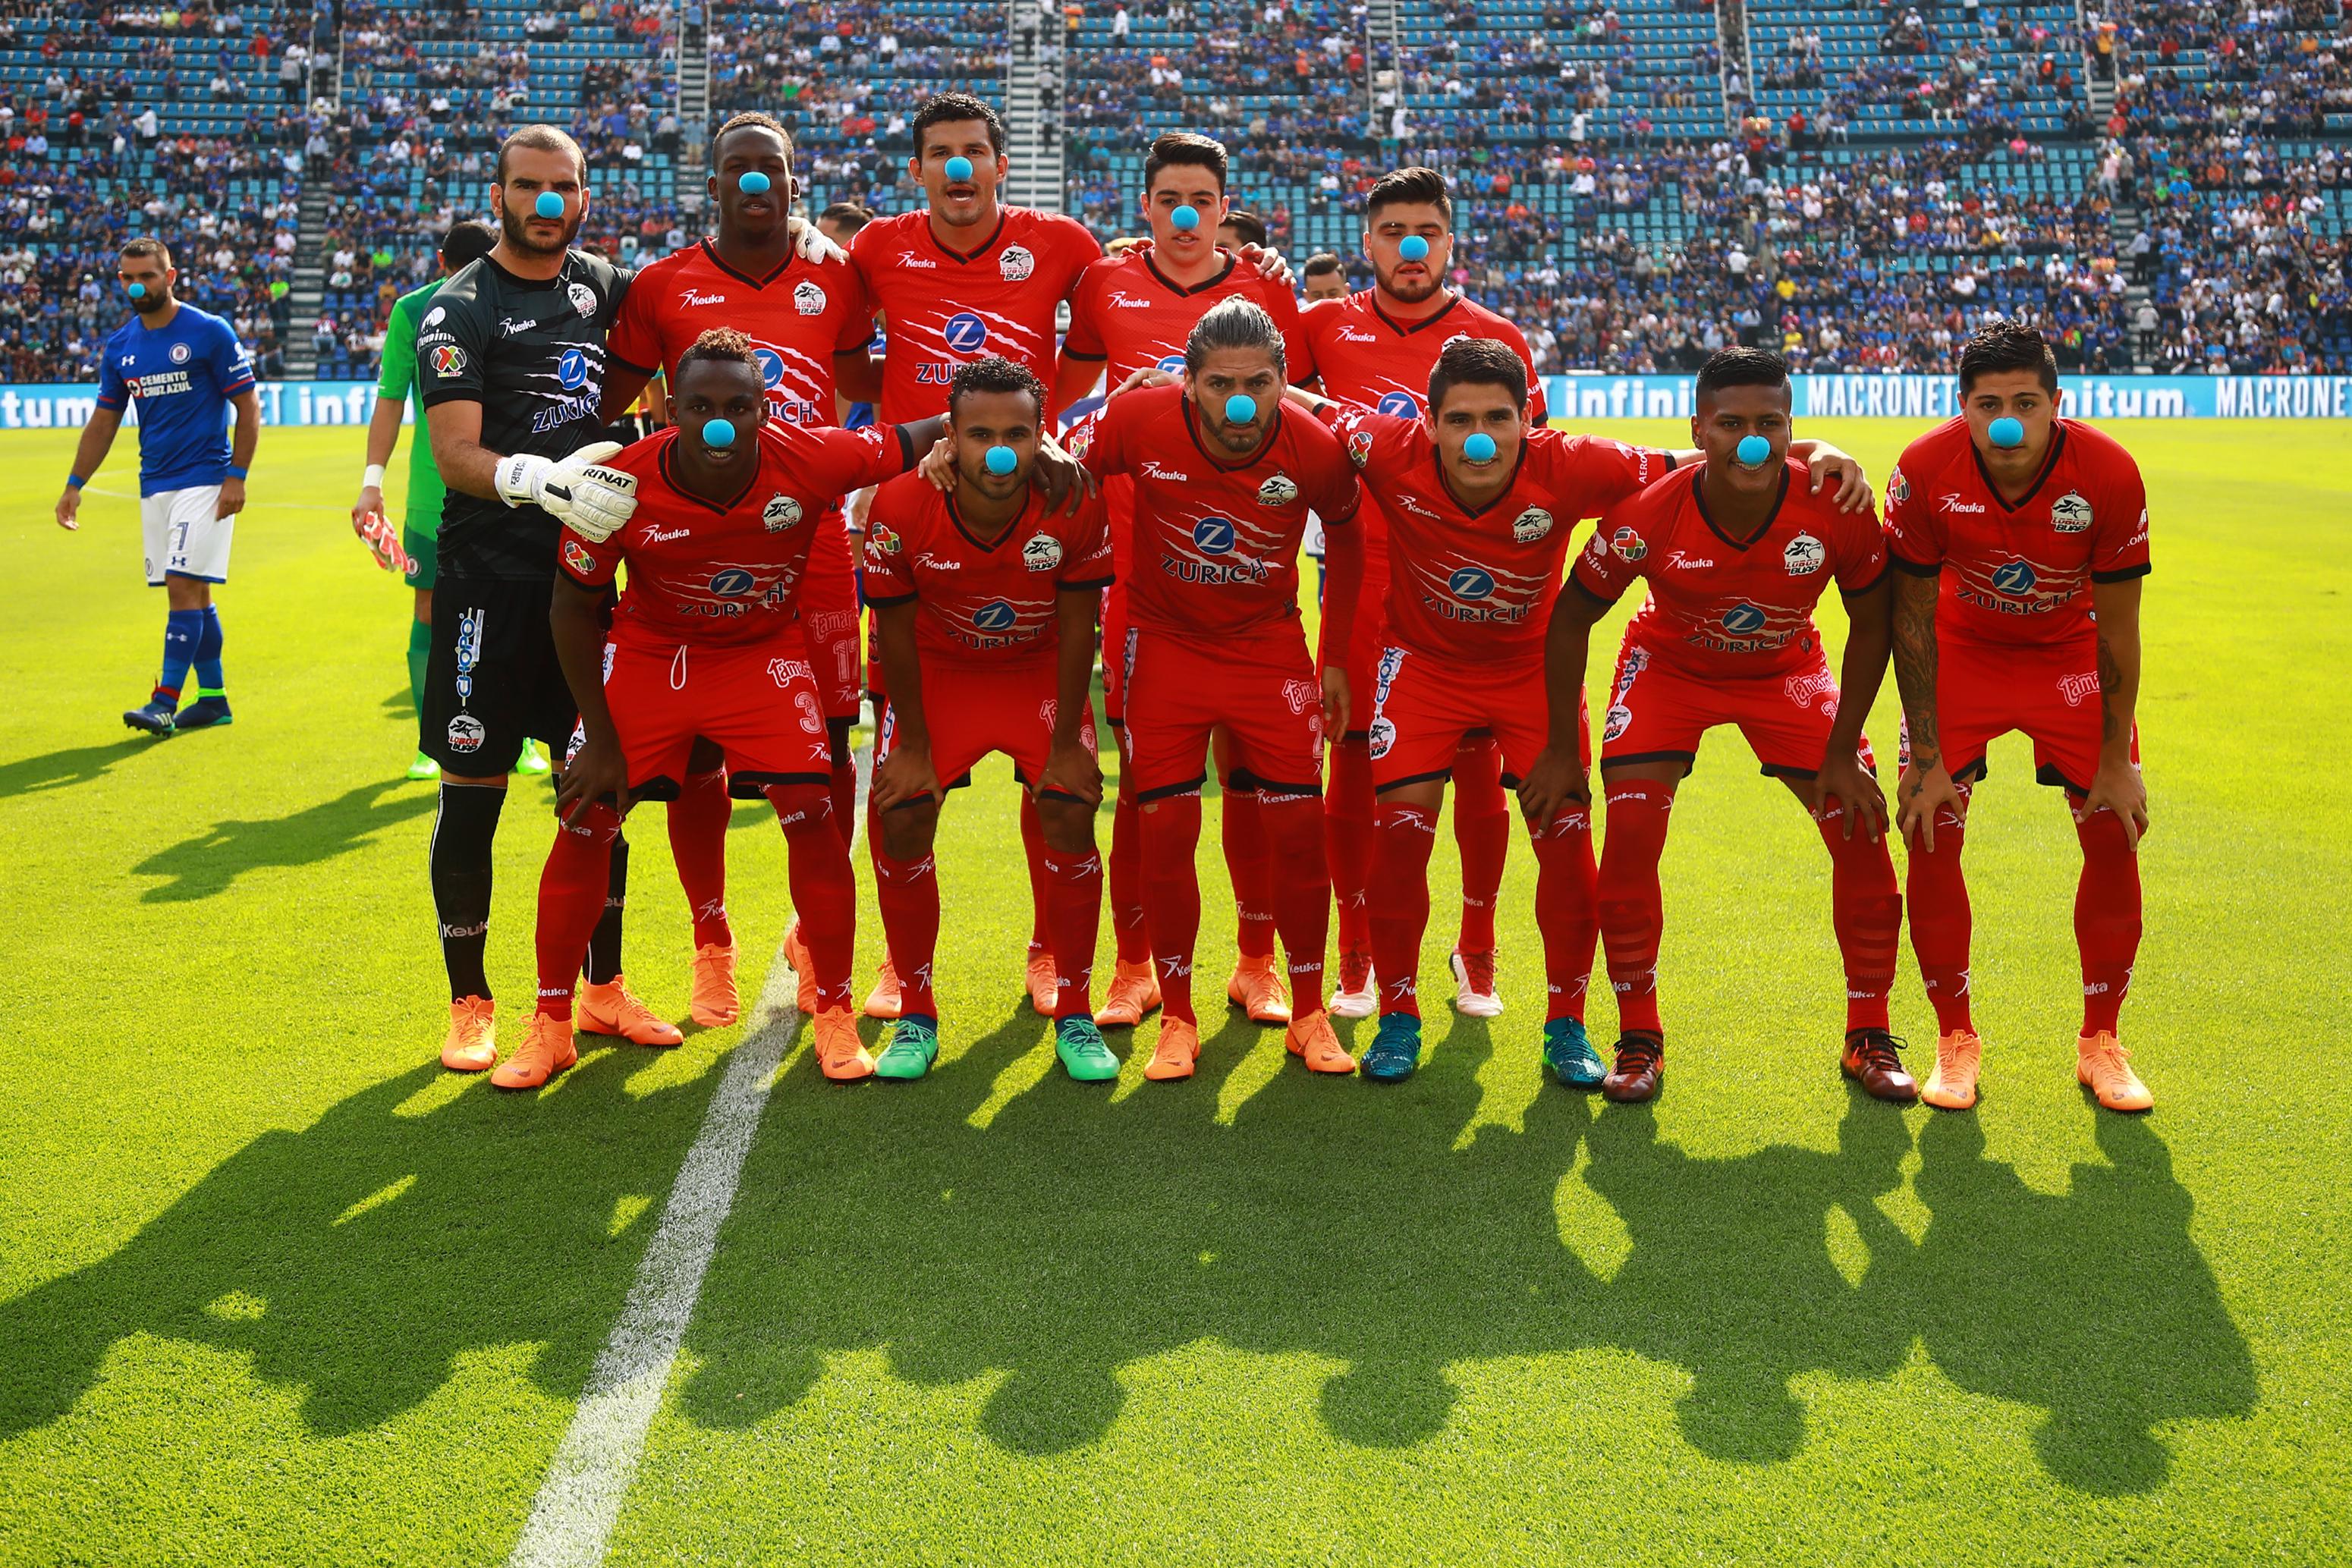 Lobos BUAP, 120 millones, Liga MX, Primera División, Ascenso MX, Pago, Salvarse, Descenso, Certificación, Veracruz, Mantenerse